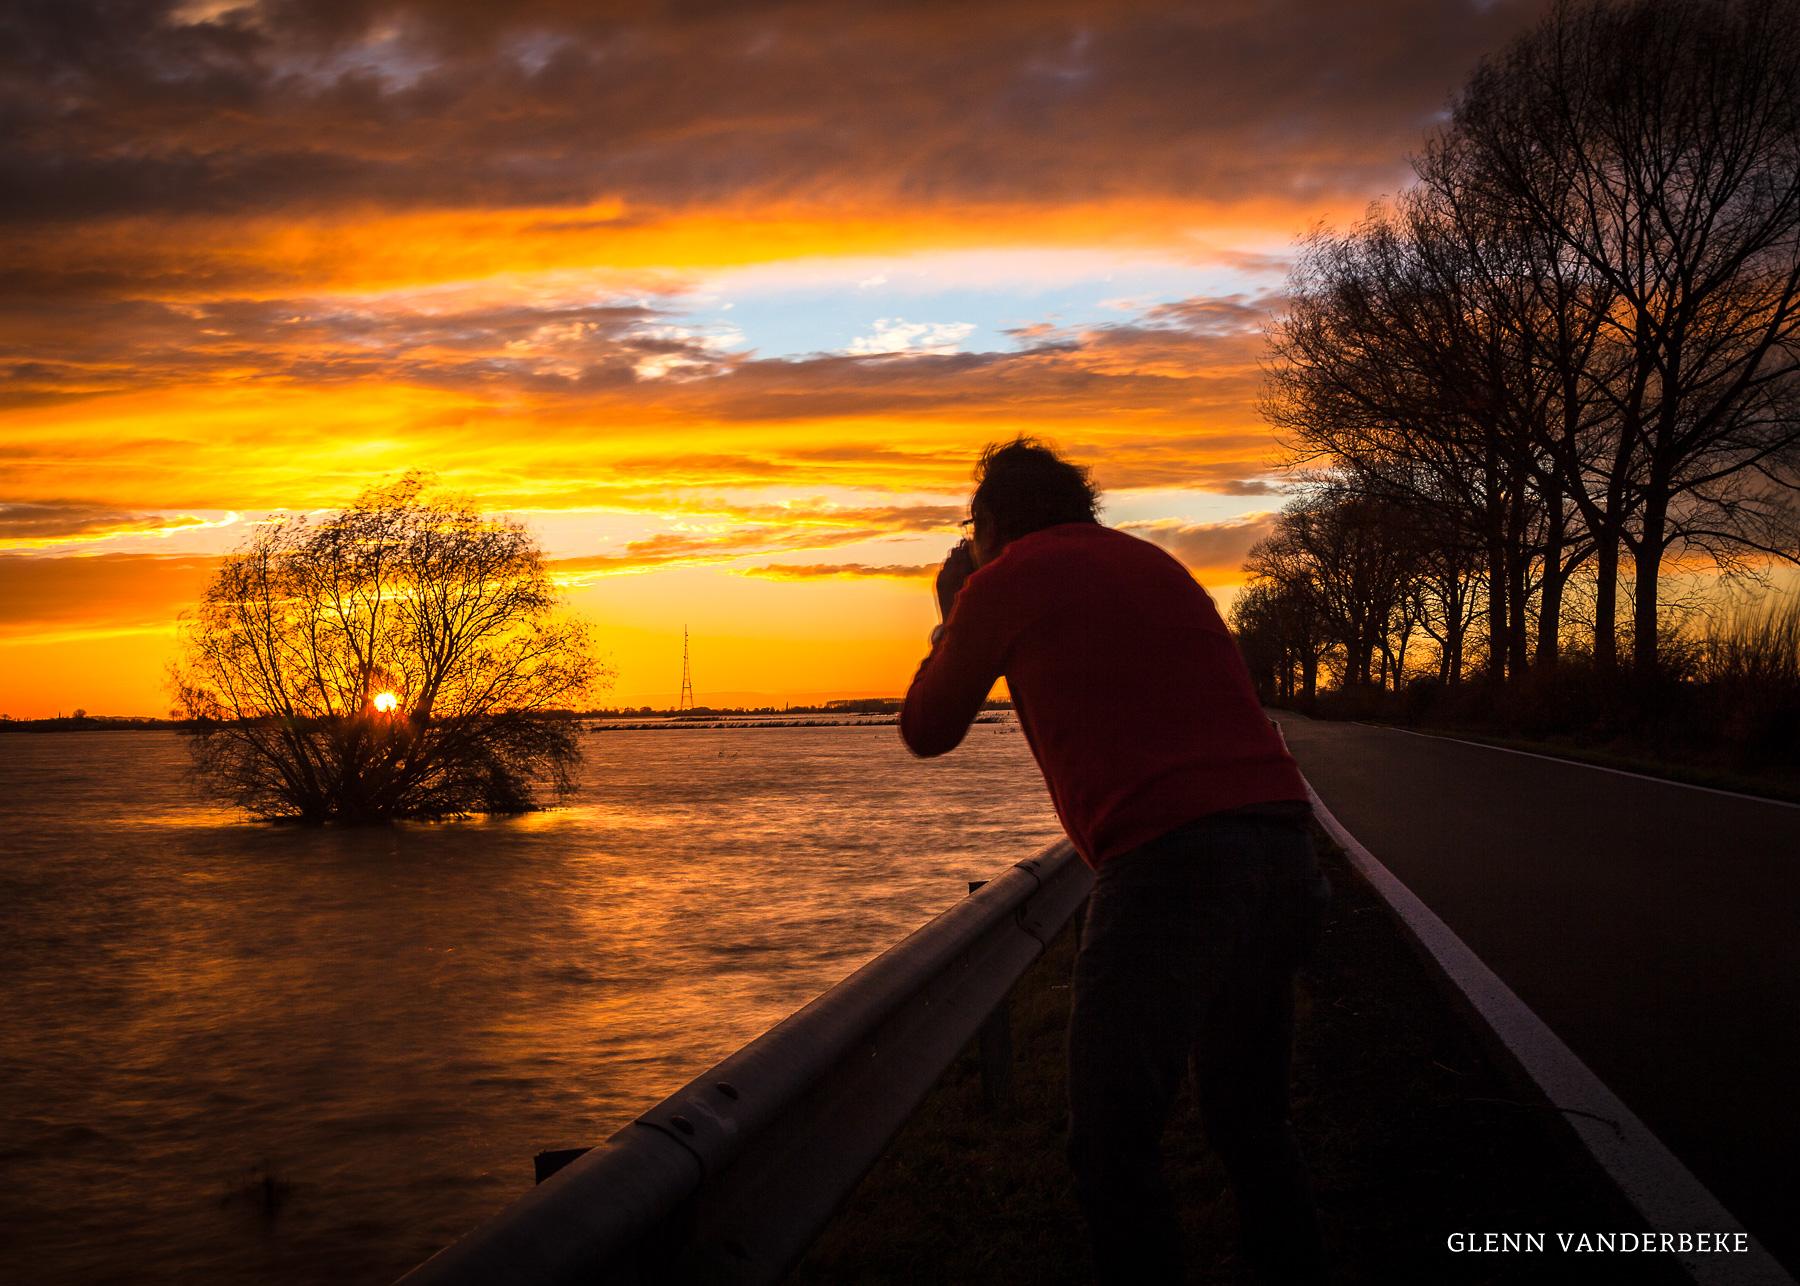 glenn vanderbeke, glenn vanderbeke fotografie, glenn vanderbeke belgisch landschapsfotograaf, landschapsfotograaf, landschapsfotografie glenn vanderbeke, landscape photographer glenn vanderbeke, fine art photographer Glenn Vanderbeke, Belgische landschapsfotograaf, landschapsfotografie west-vlaanderen, west vlaamse landschapsfotograaf, België, Vaartdijk, Diksmuide, langs de ijzer, de ijzer